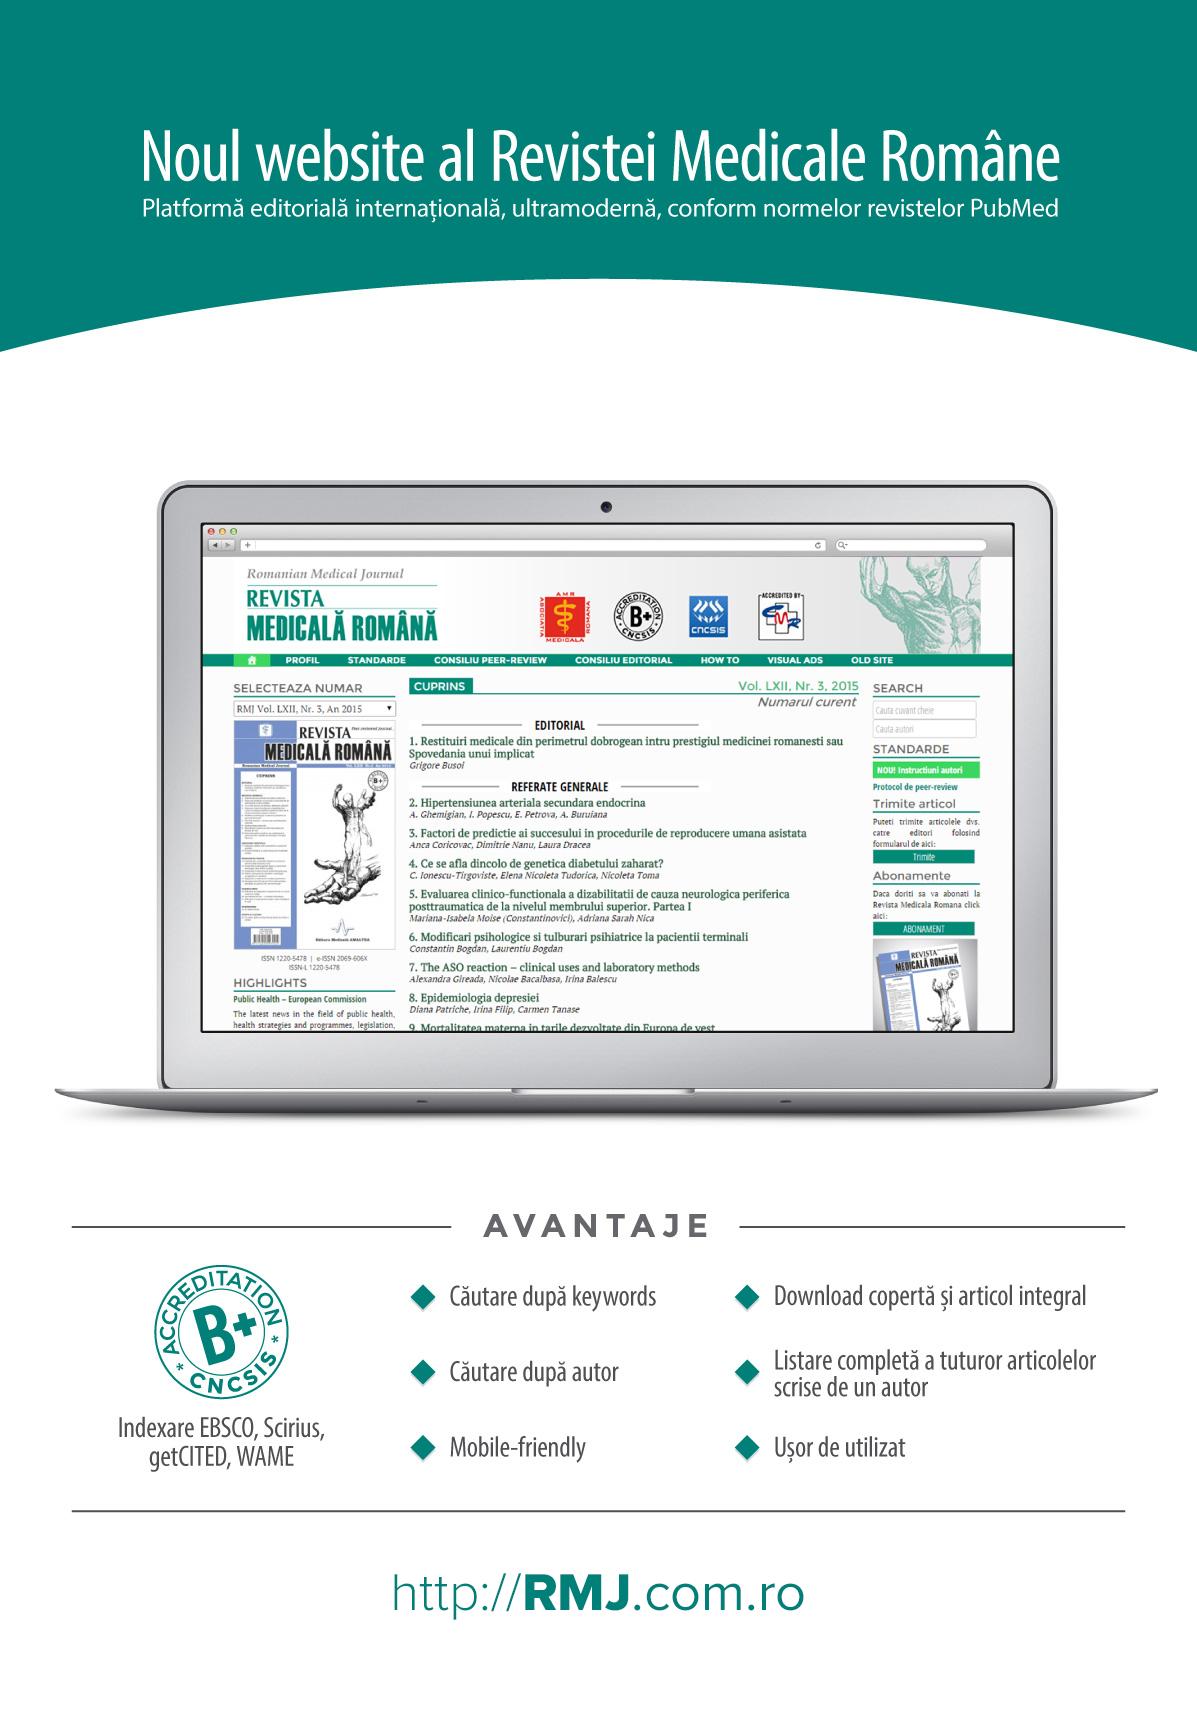 REVISTA MEDICALA ROMANA - Romanian Medical Journal